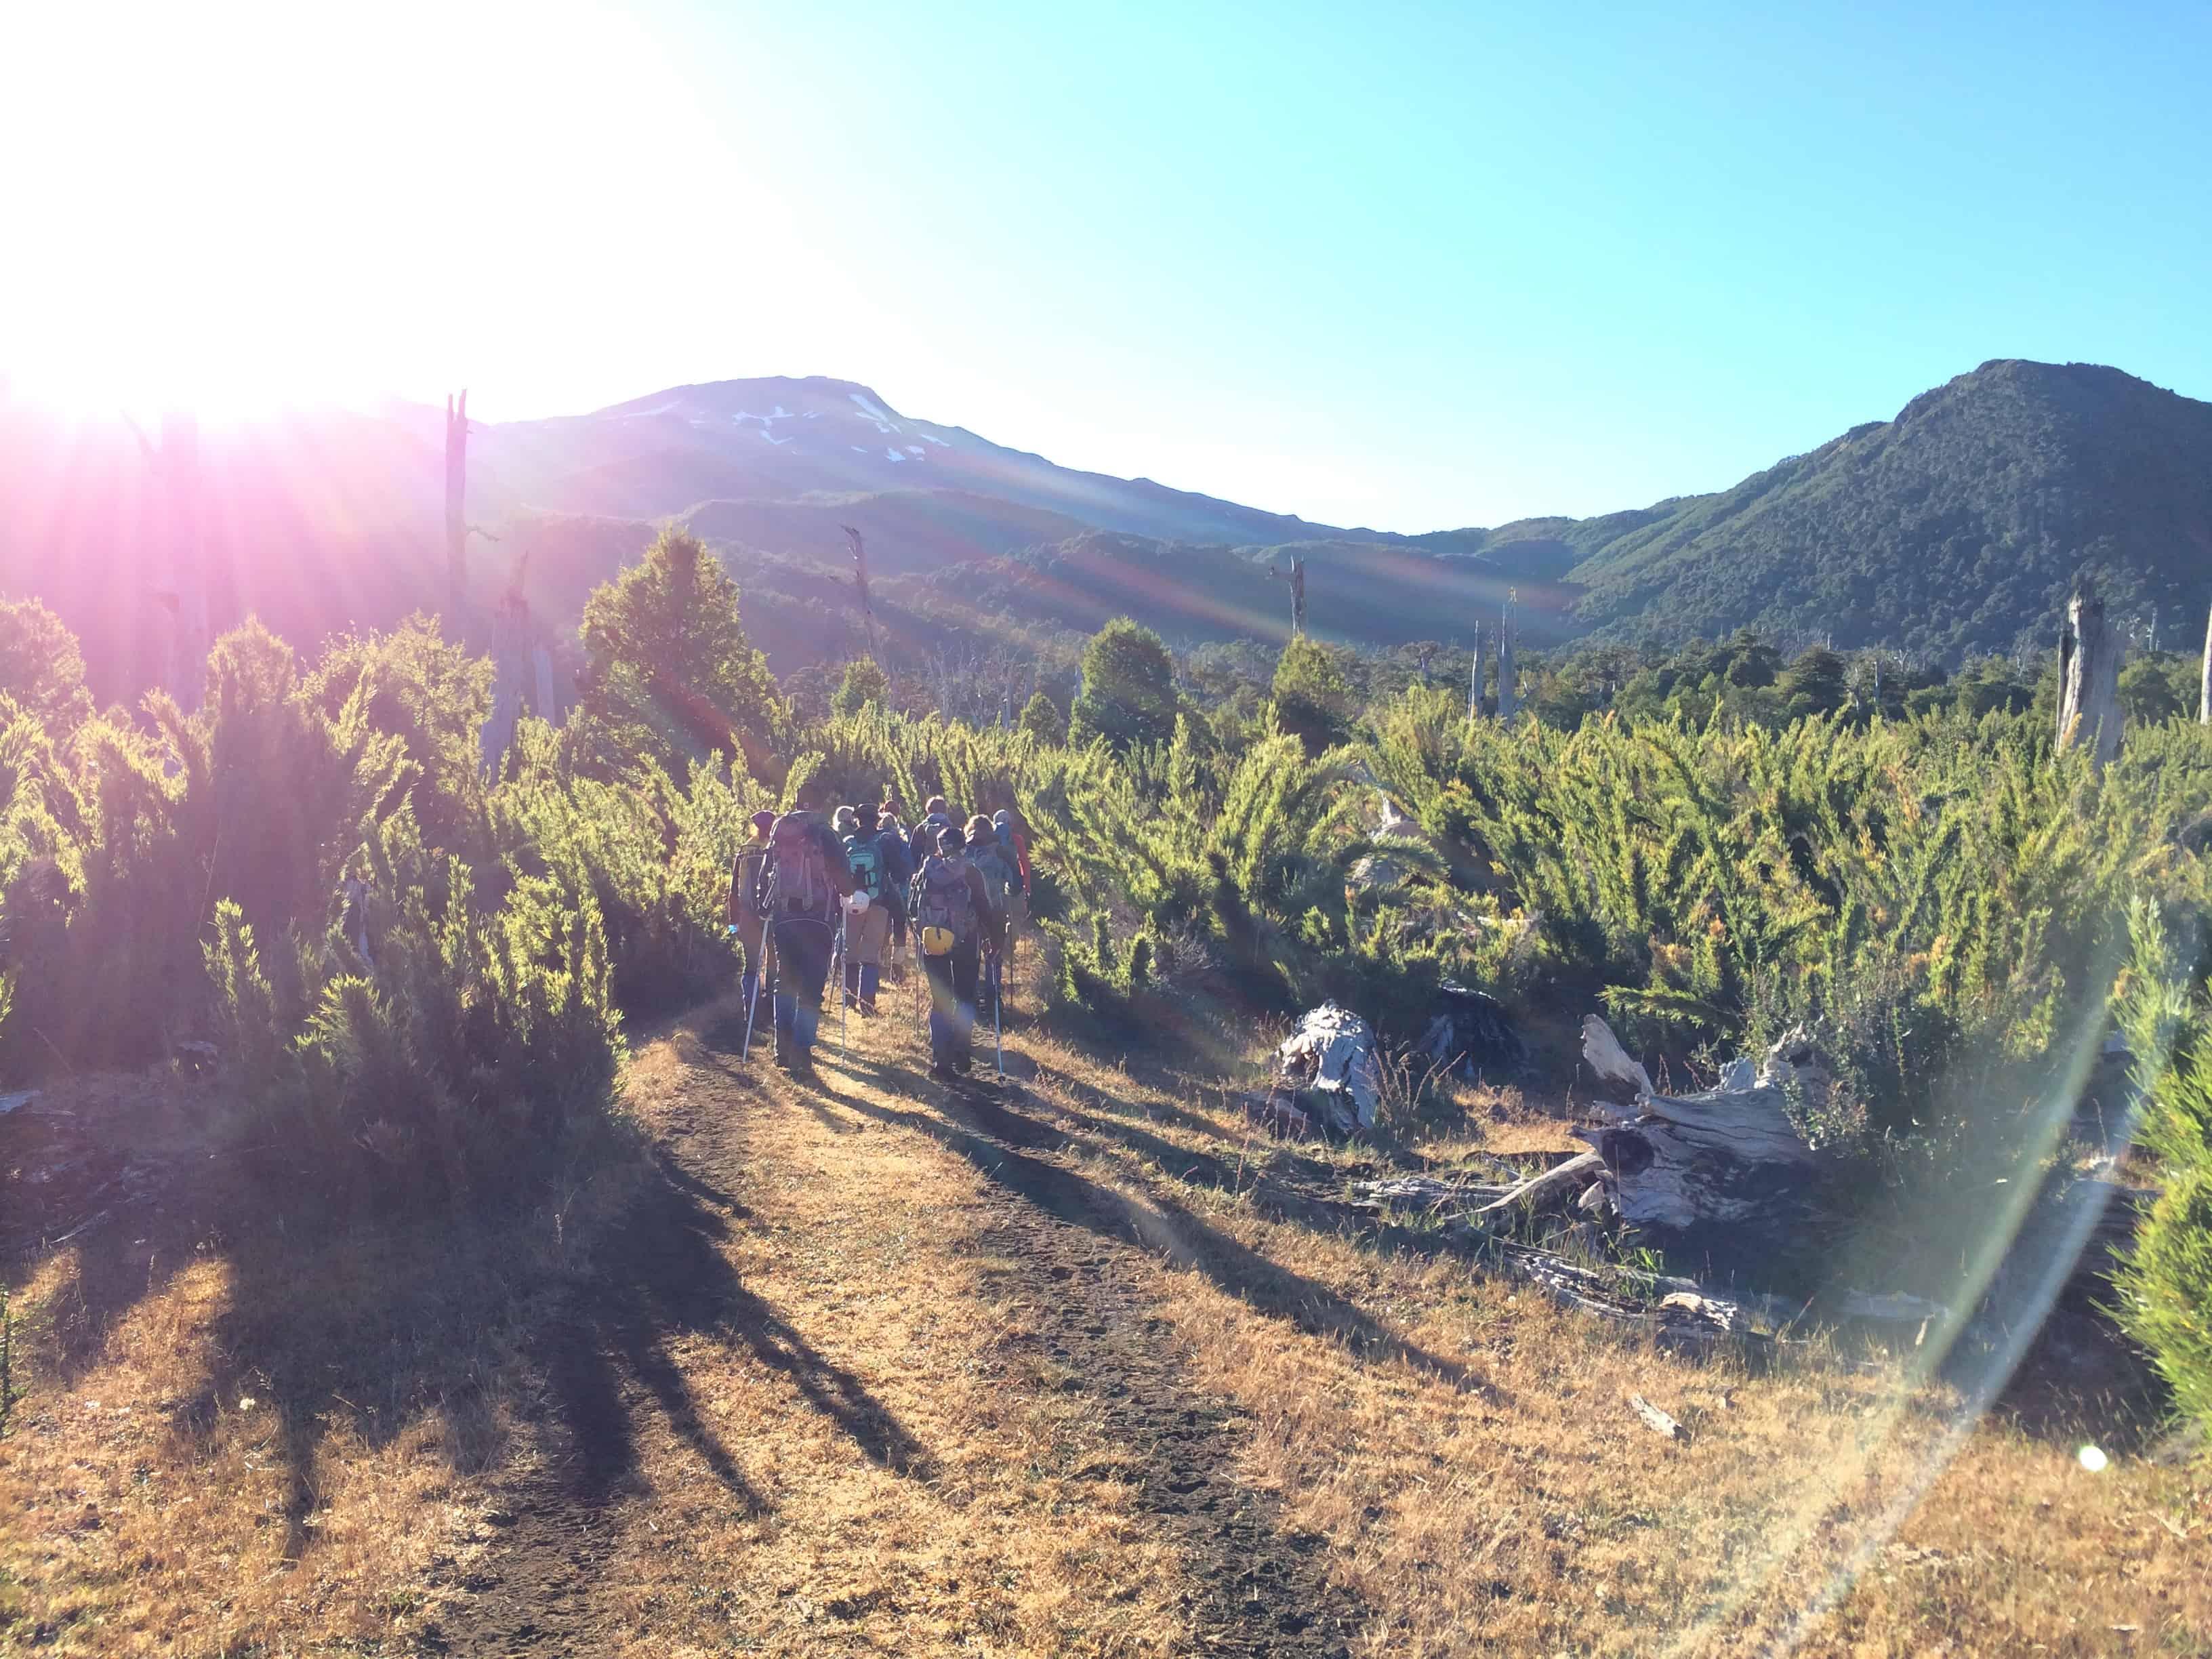 Quetrupillan – die schlechte Alternative zum Vulkan Villarrica? Auf keinen Fall! – Februar 2015